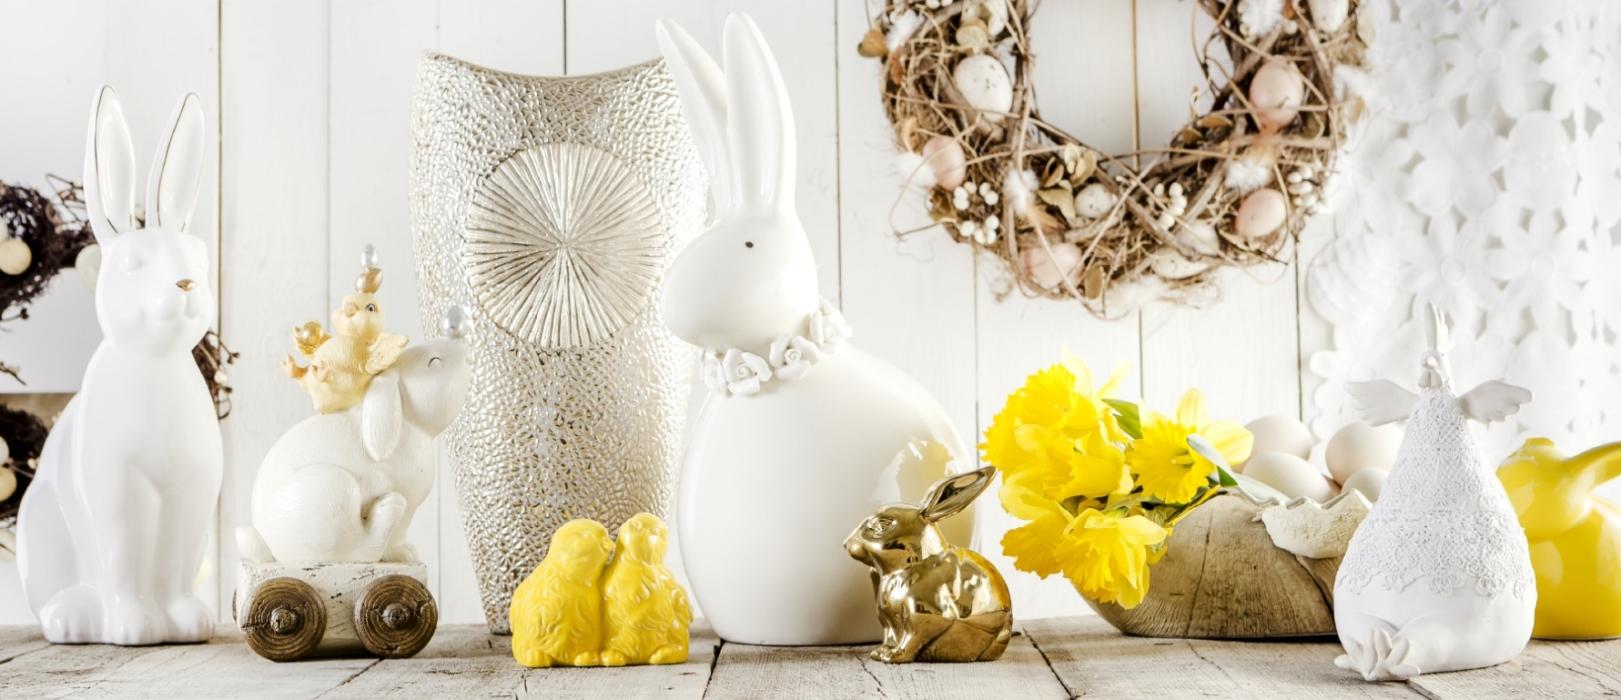 Wielkanoc pełna kolorów!